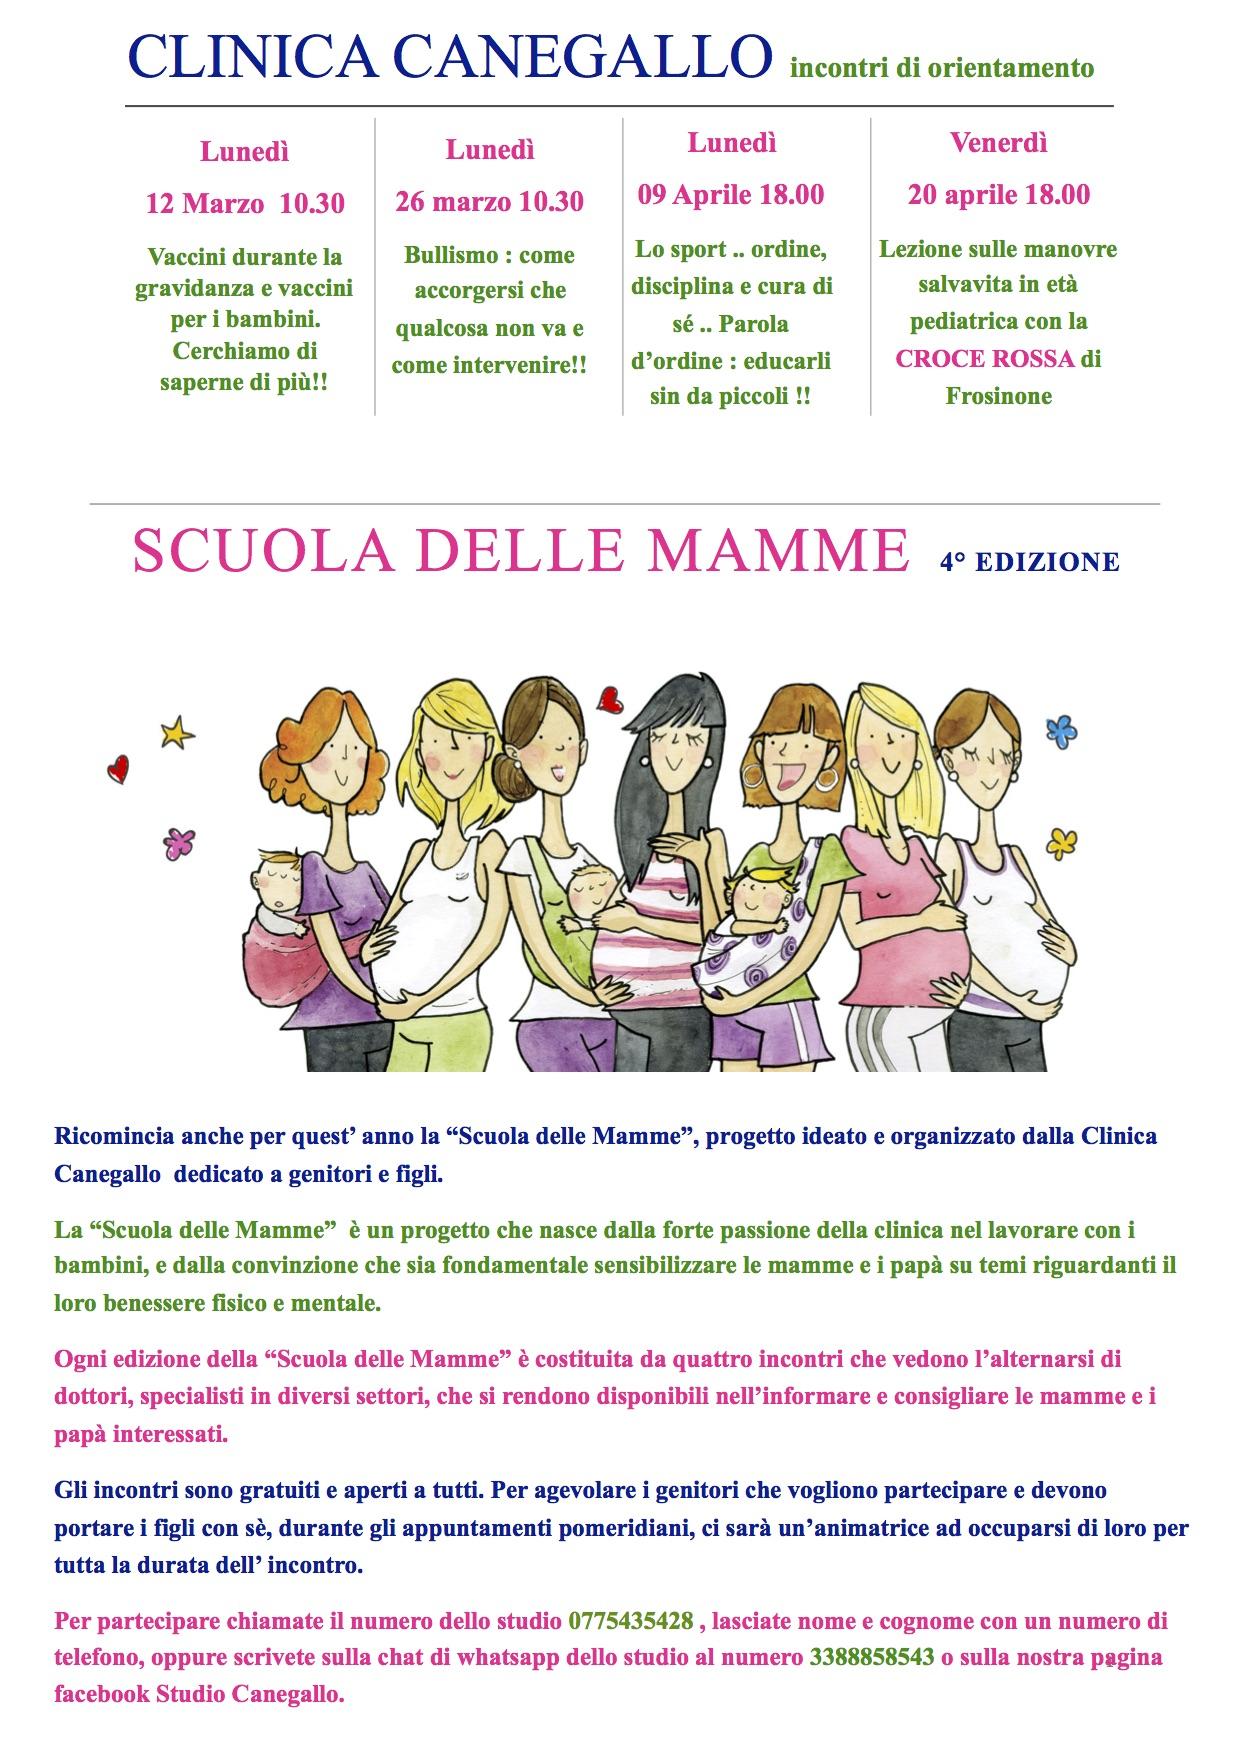 Scuola Delle Mamme Incontri Gratuiti Di Orientamento Sulla Salute Dei Bambini Studio Canegallo